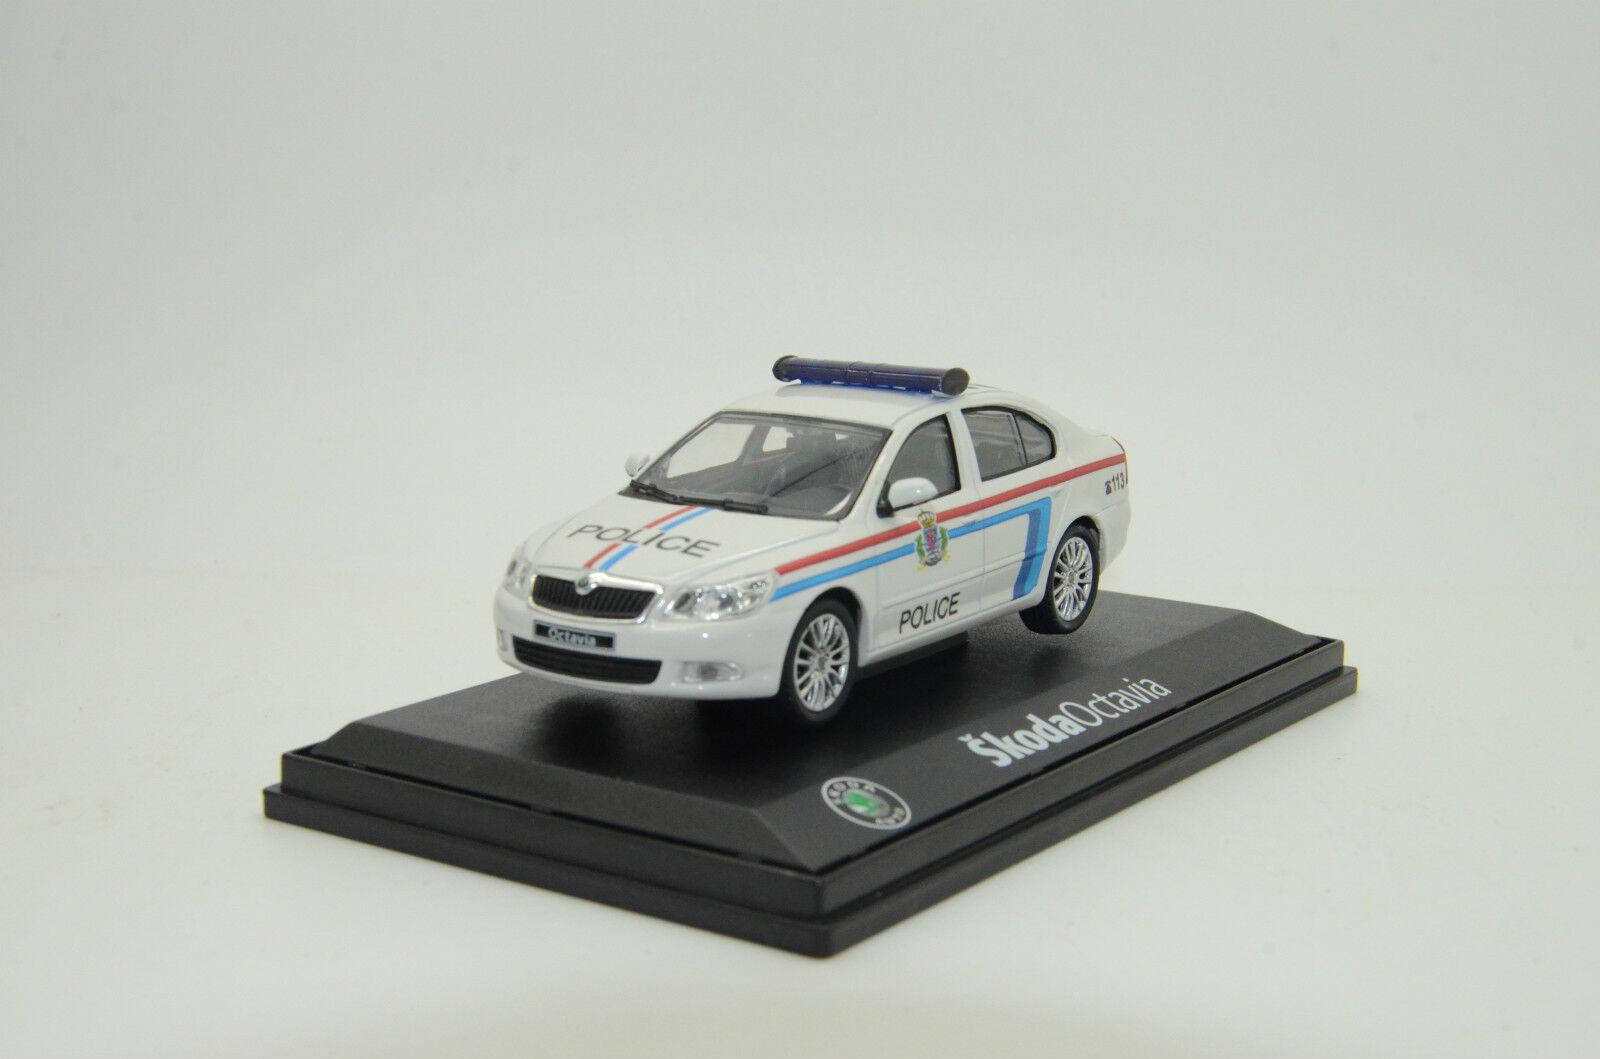 Rare Herregud Skoda Octavia Luxemburgs polis, tillverkad i 1  43